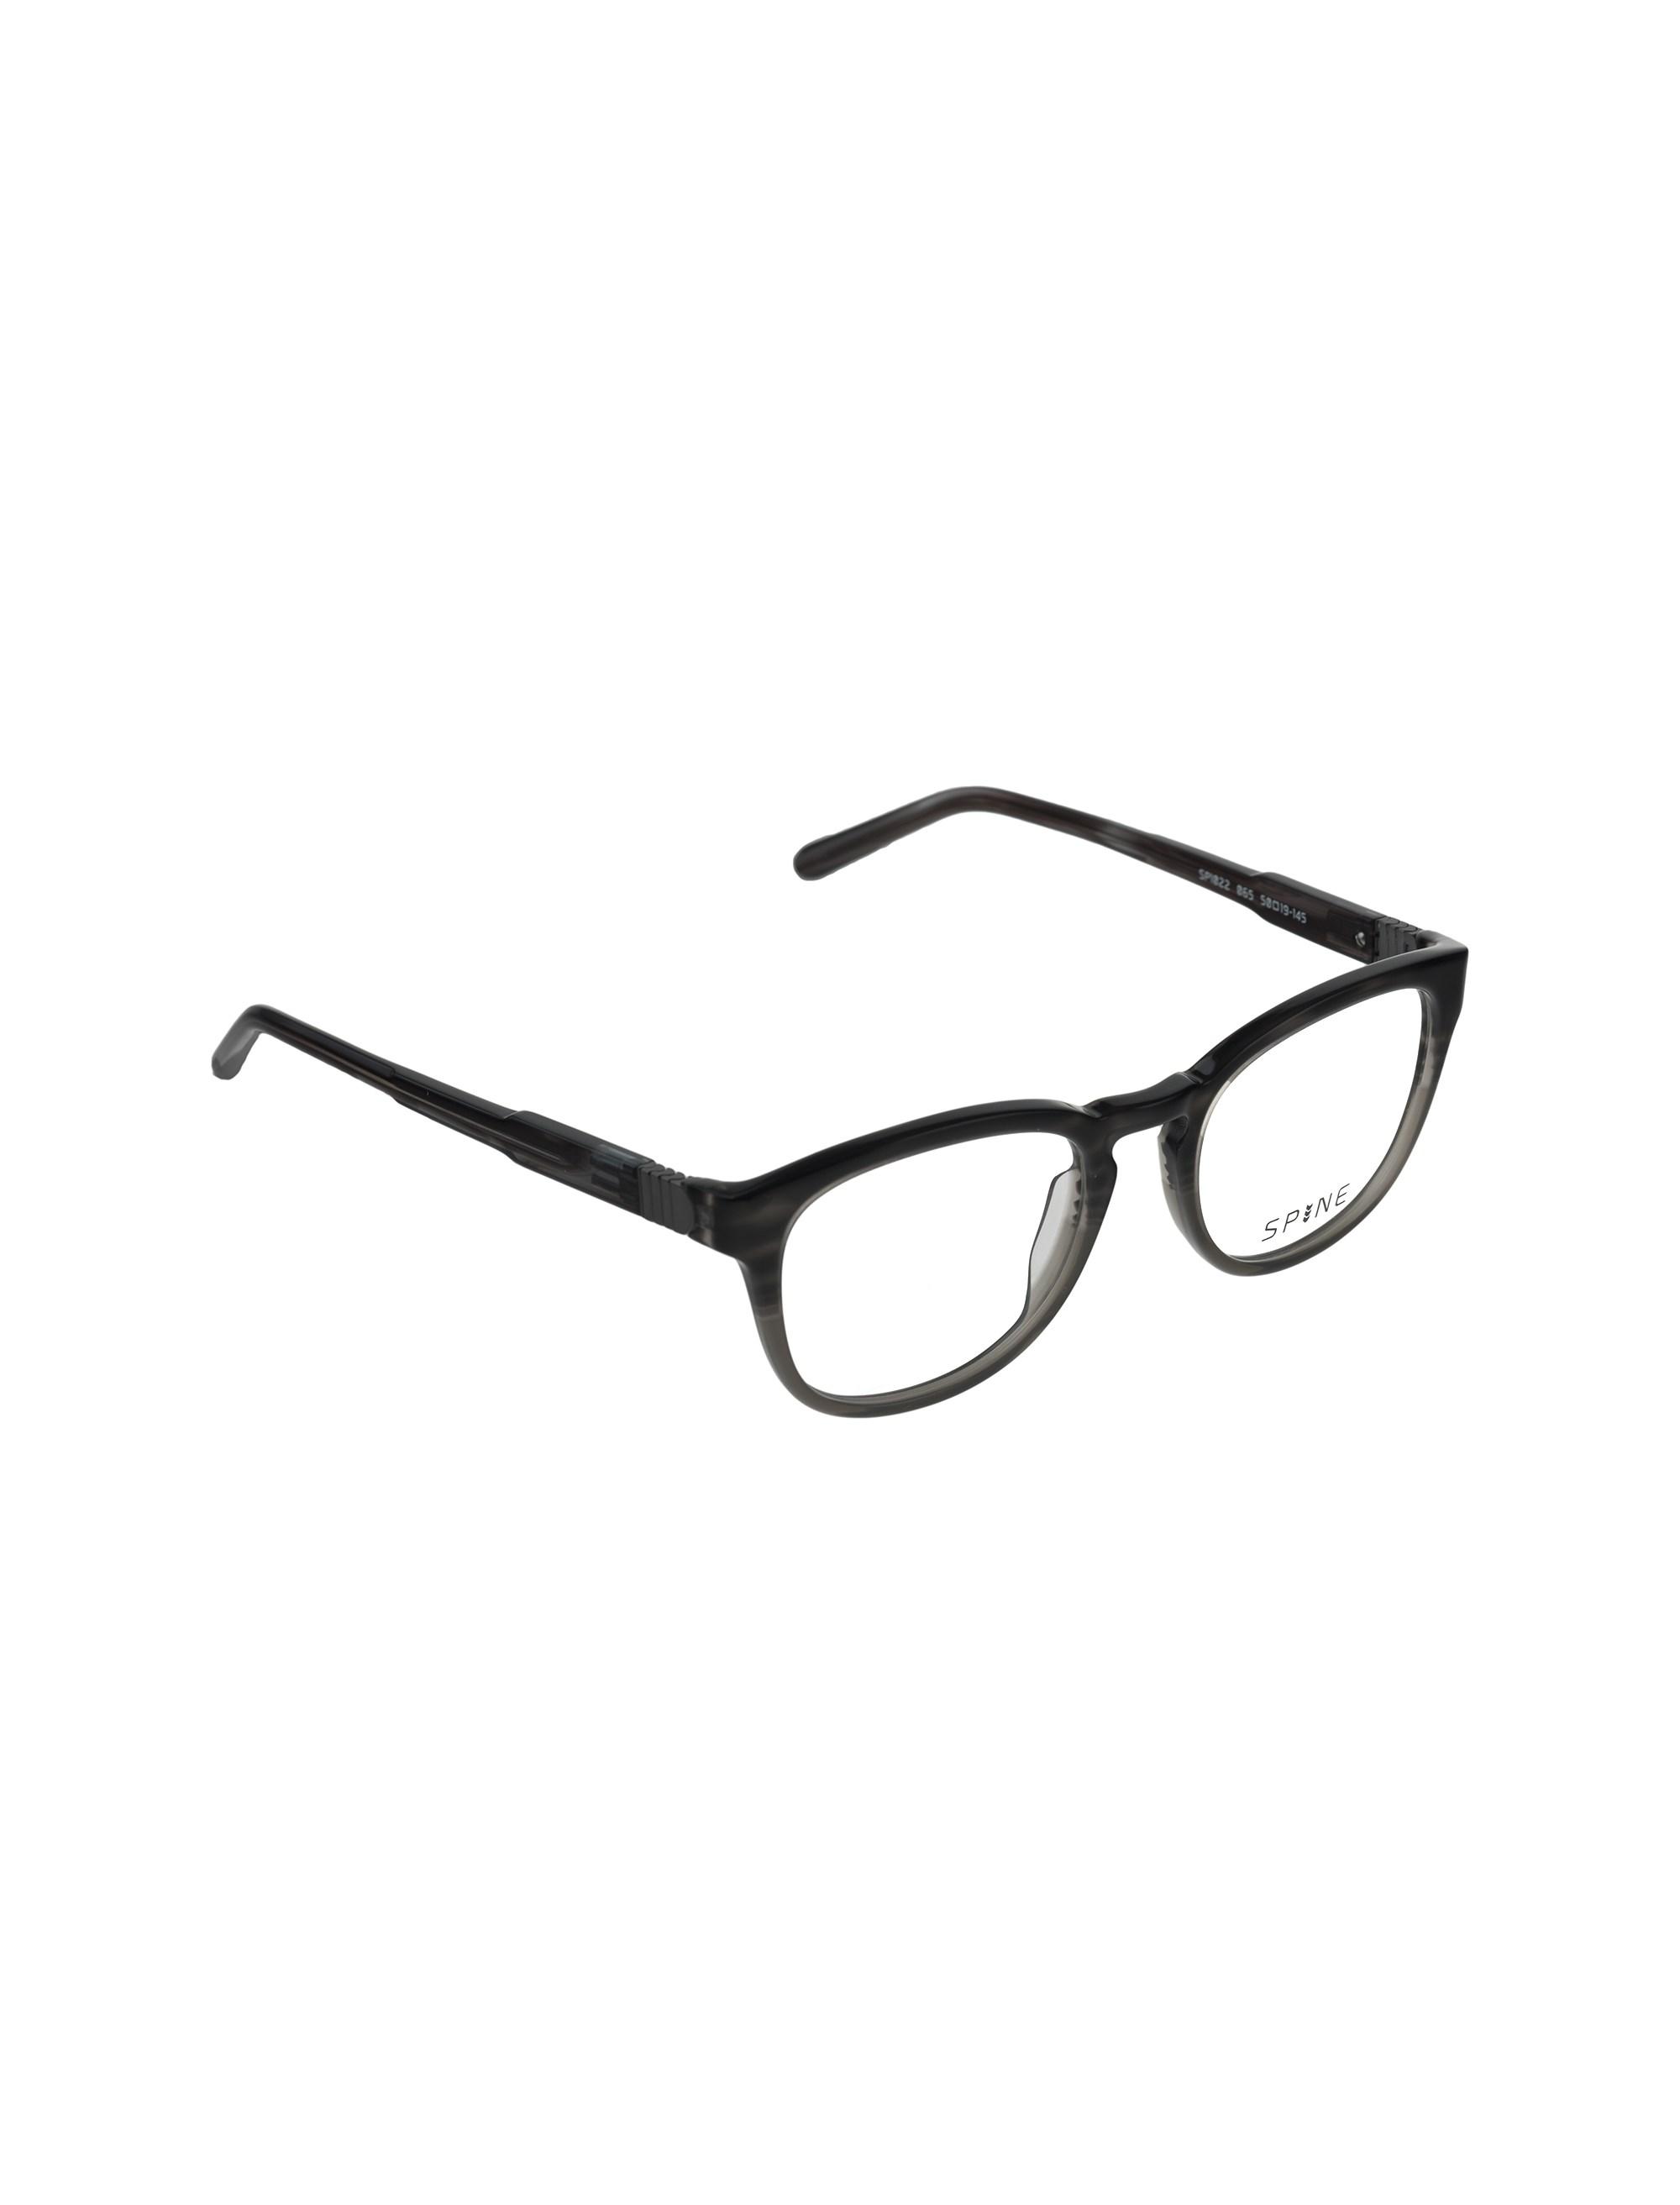 عینک طبی ویفرر زنانه - مشکي و طوسي - 2